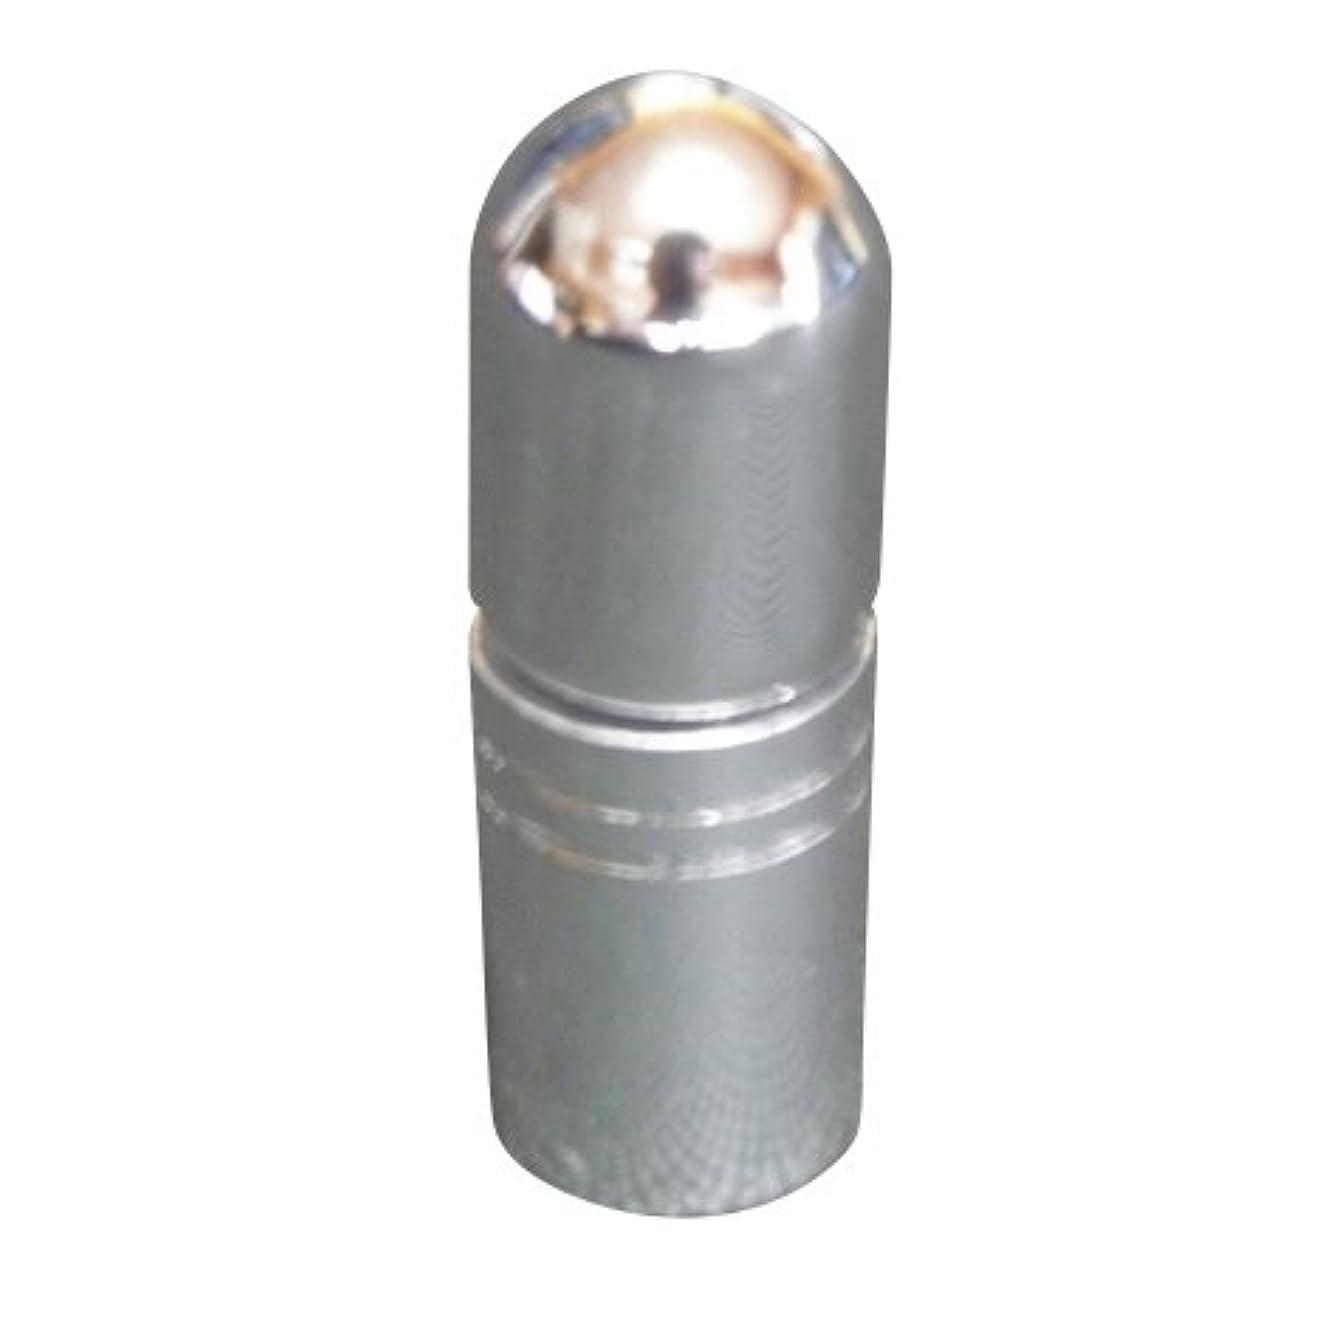 超音速ランチ奇妙なアトマイザー 携帯 持ち運び ミニ サイズ 3ml ロール オン タイプ 香水 詰め替え (シルバー)